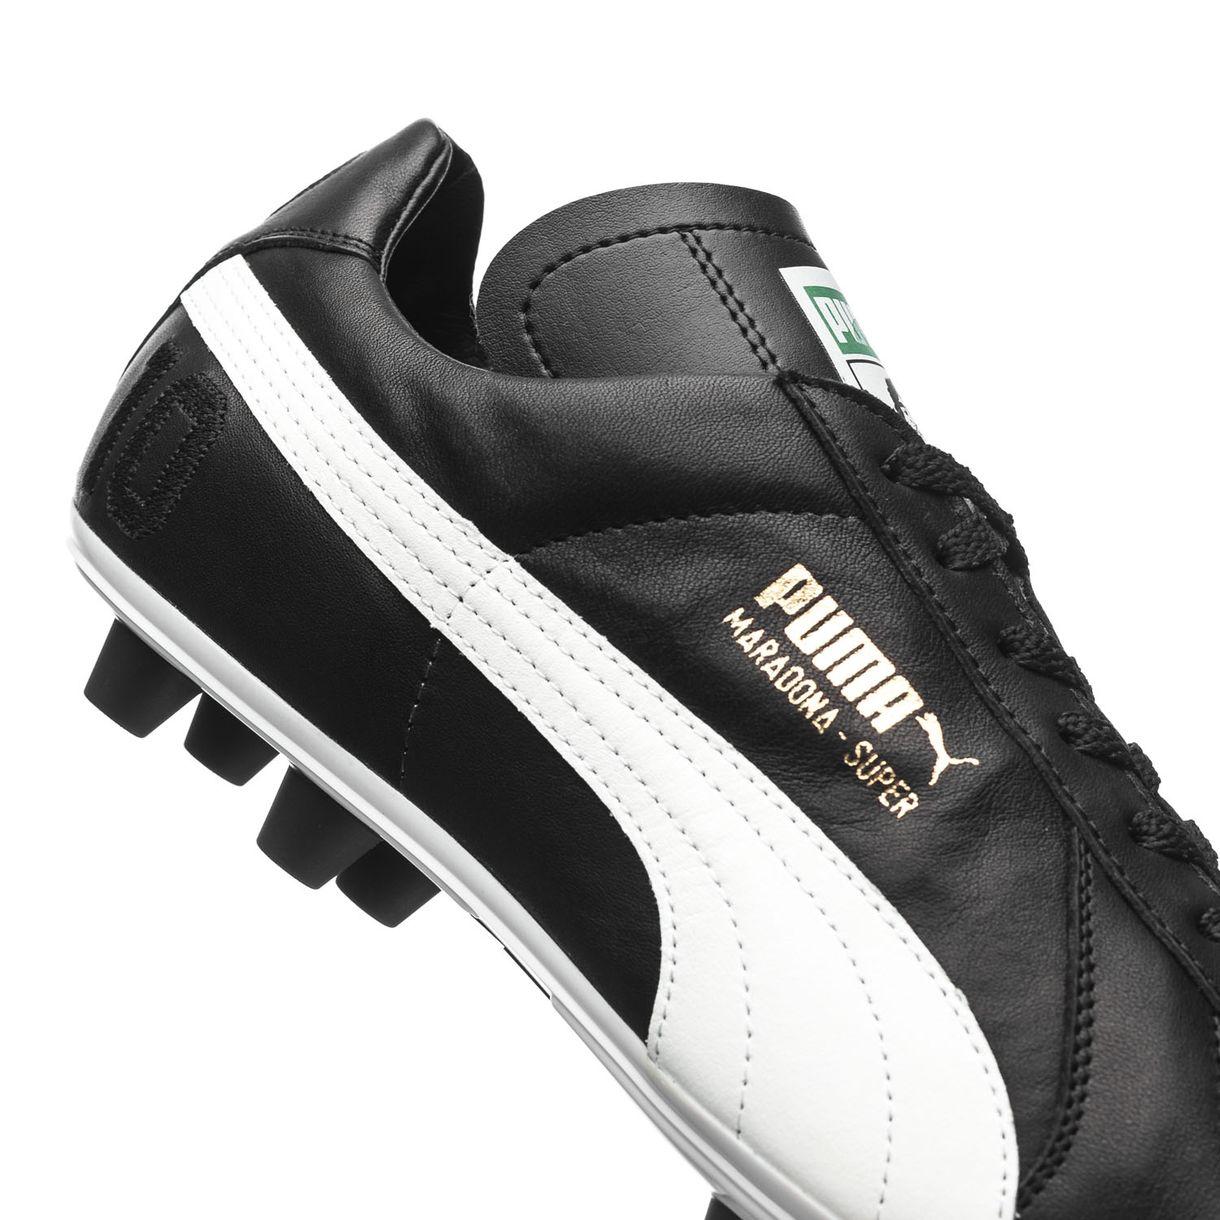 Puma Maradona Super FG heel